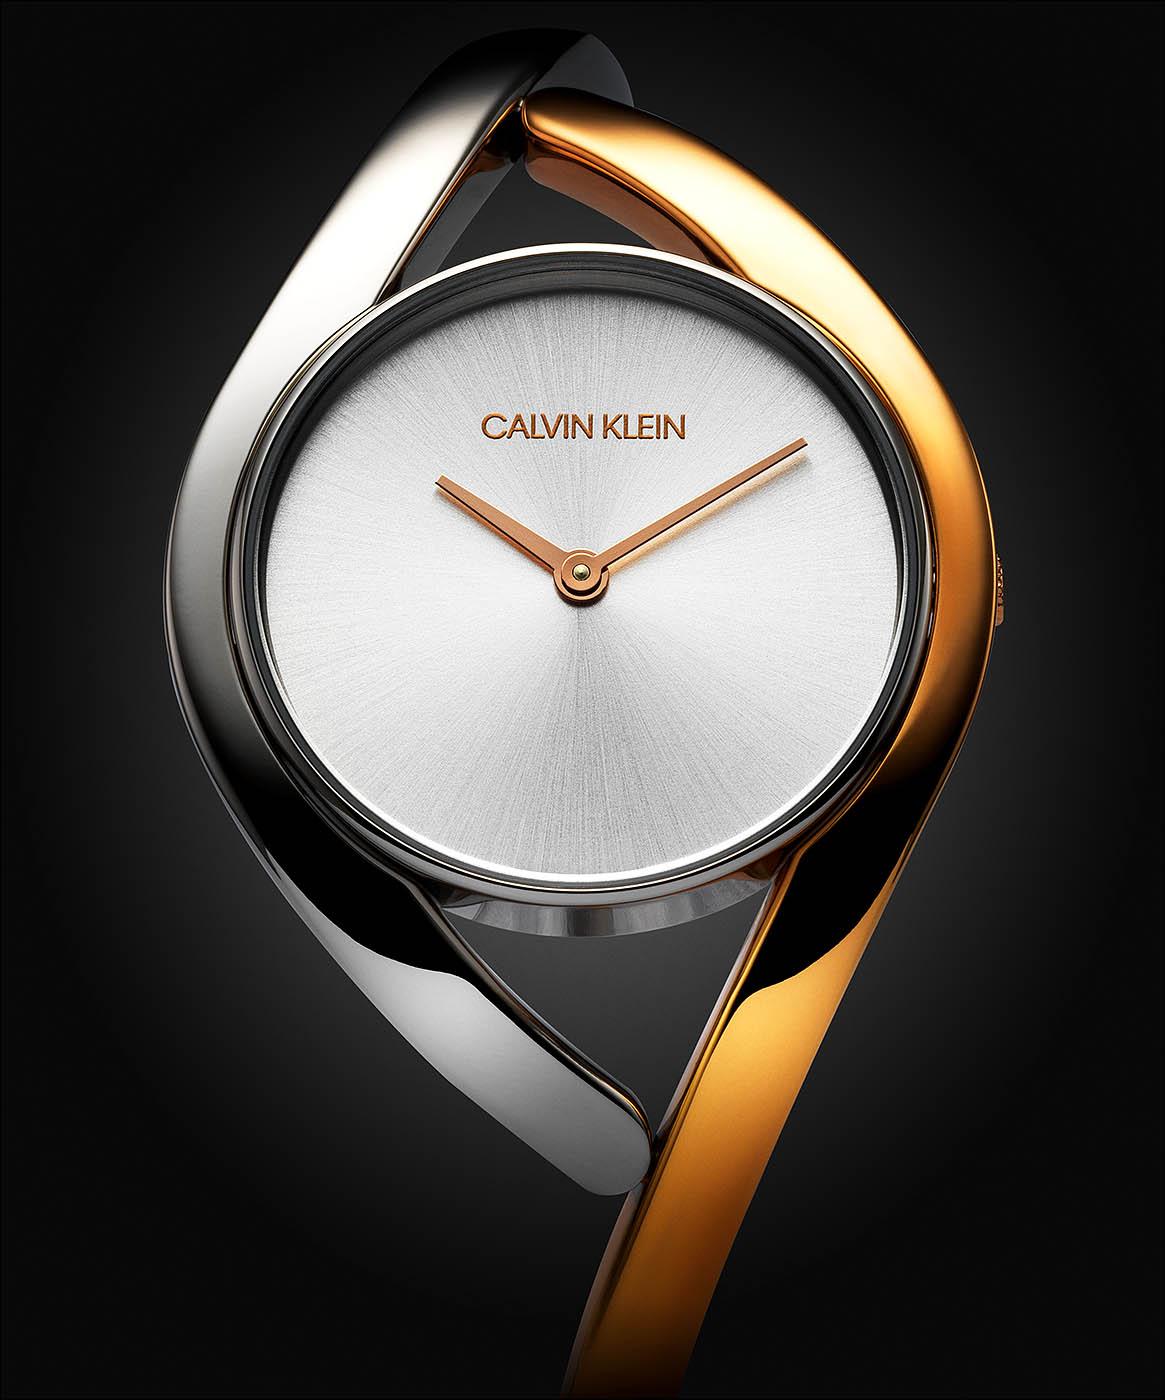 Fotografo still life orologi Calvin Klein | Andrea Sudati